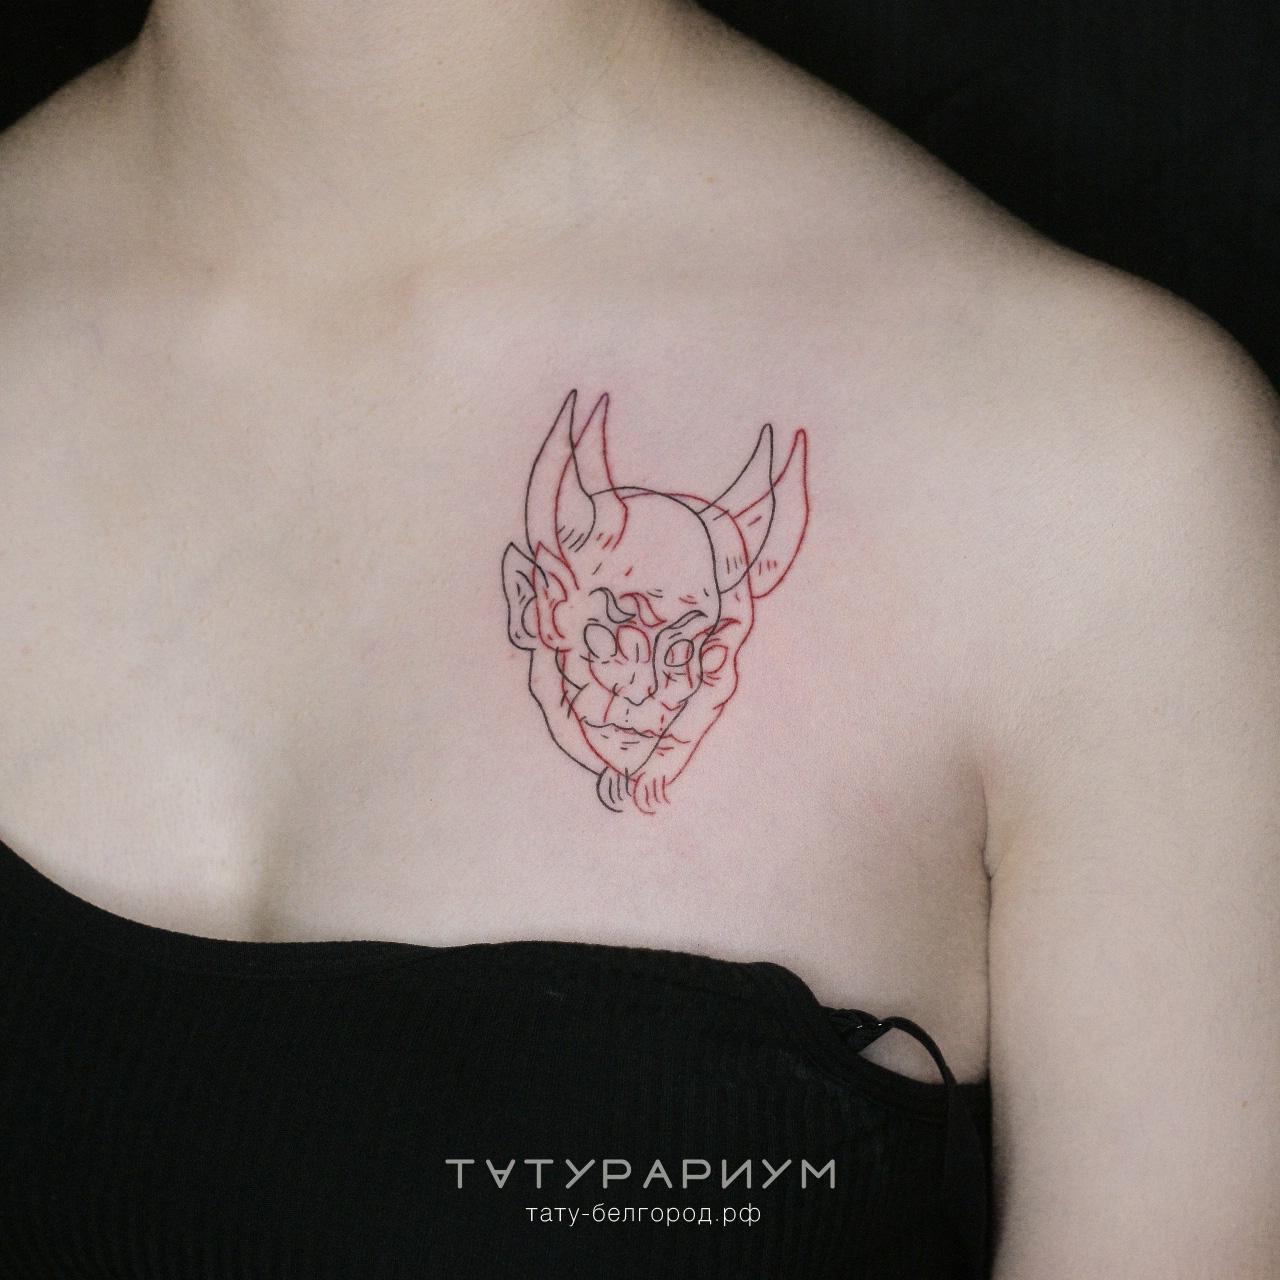 тату на груди у девушки, демон с имитаци